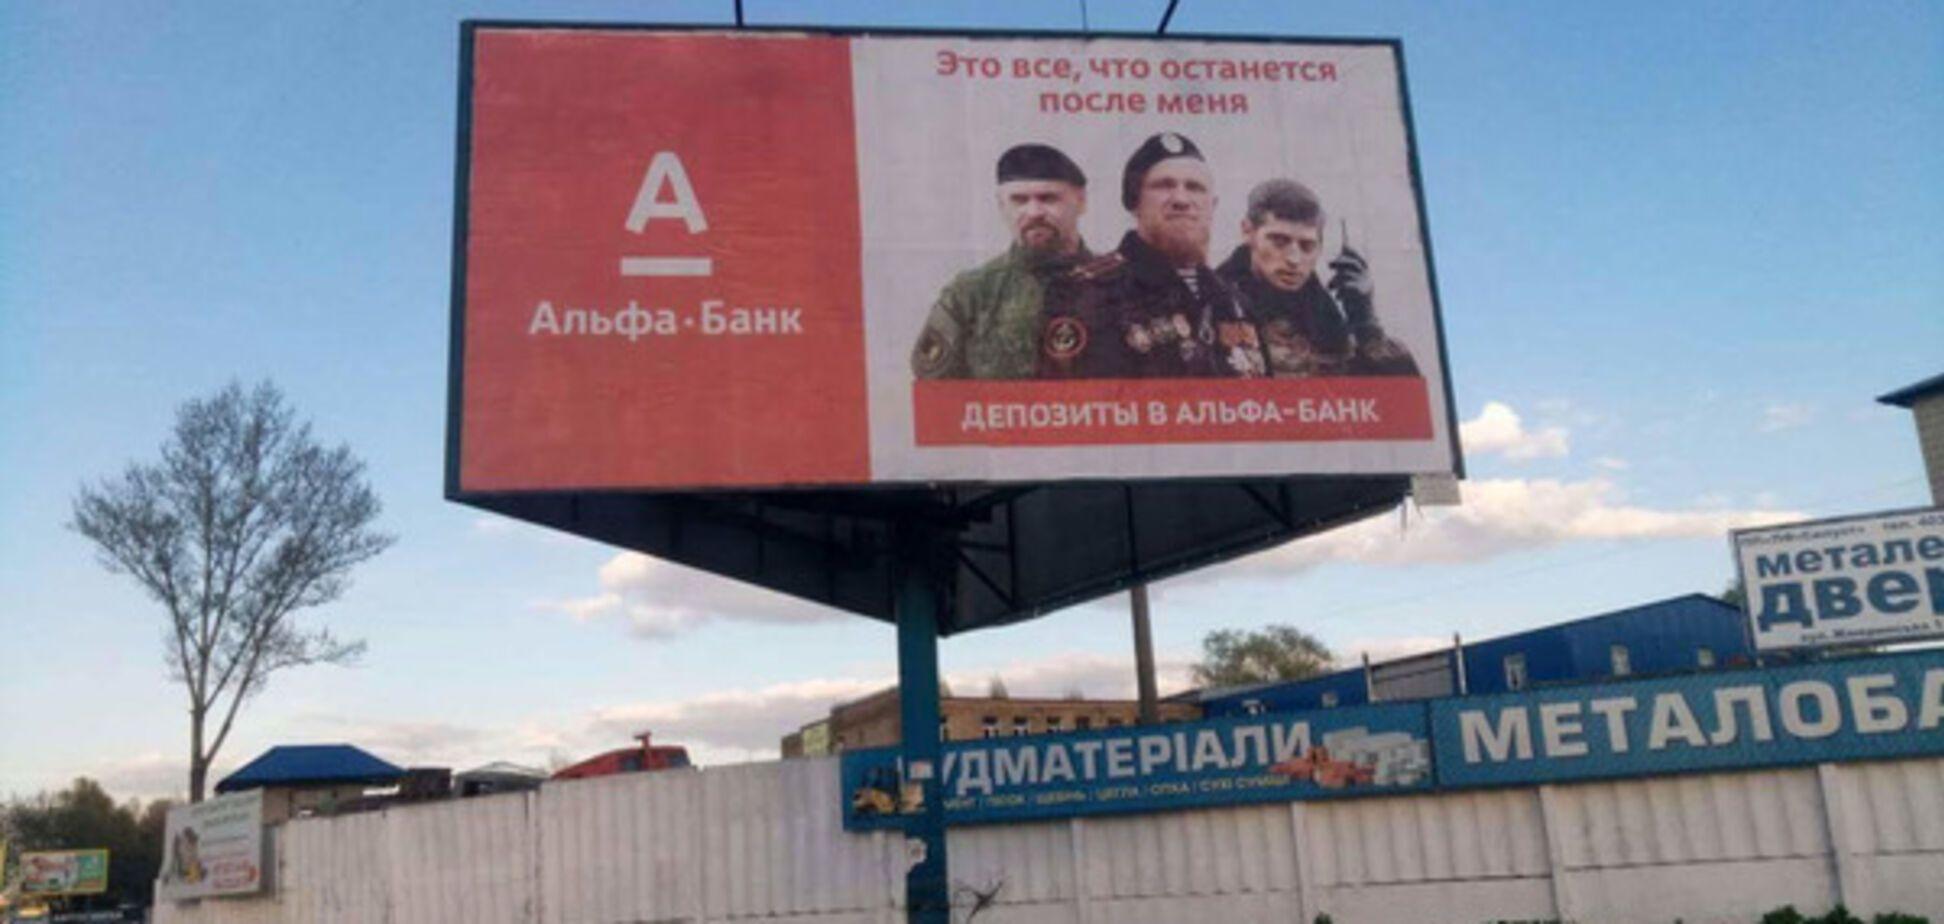 Гиви и Моторола на Окружной в Киеве: кто стоит за провокациями против международного банка?